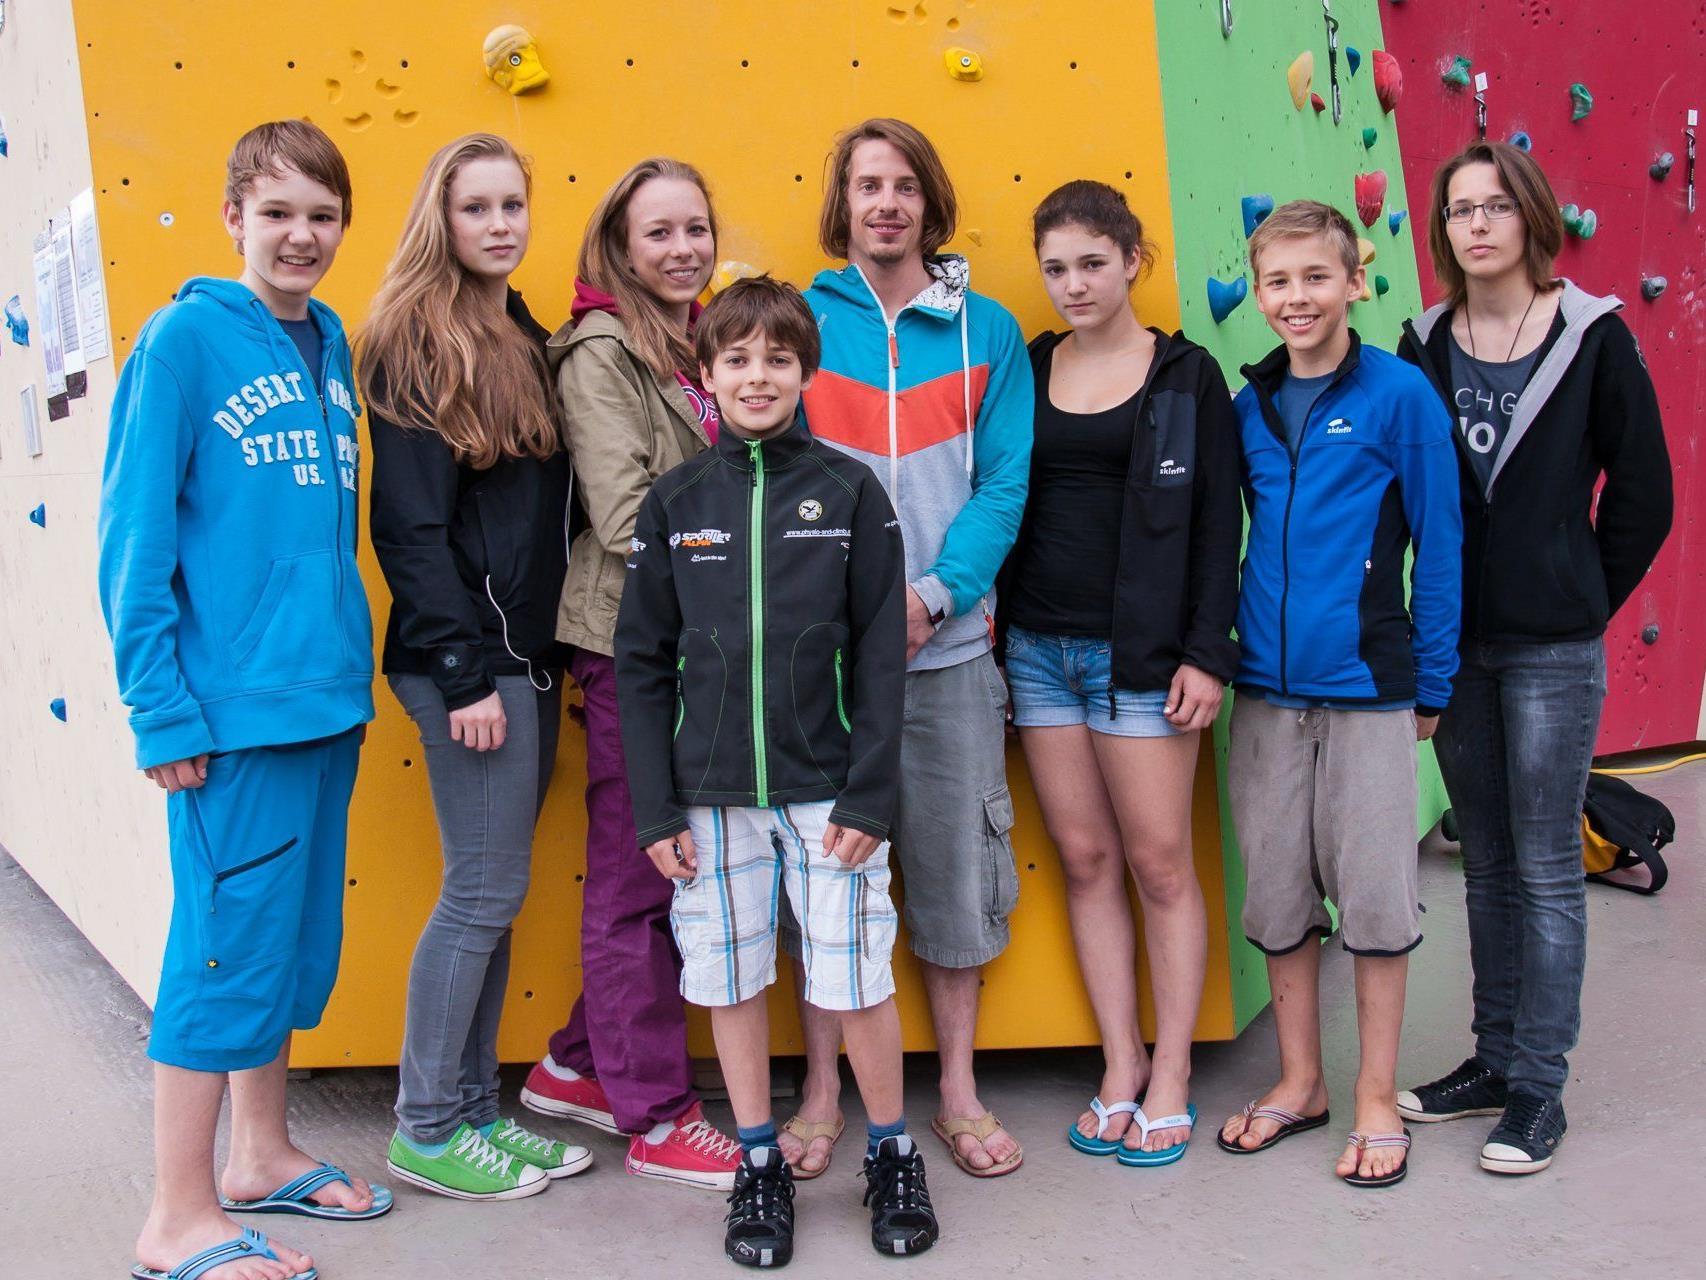 Vorarlbergs Kletternachwuchs zeigte sich bei der Staatsmeisterschaft von der besten Seite.